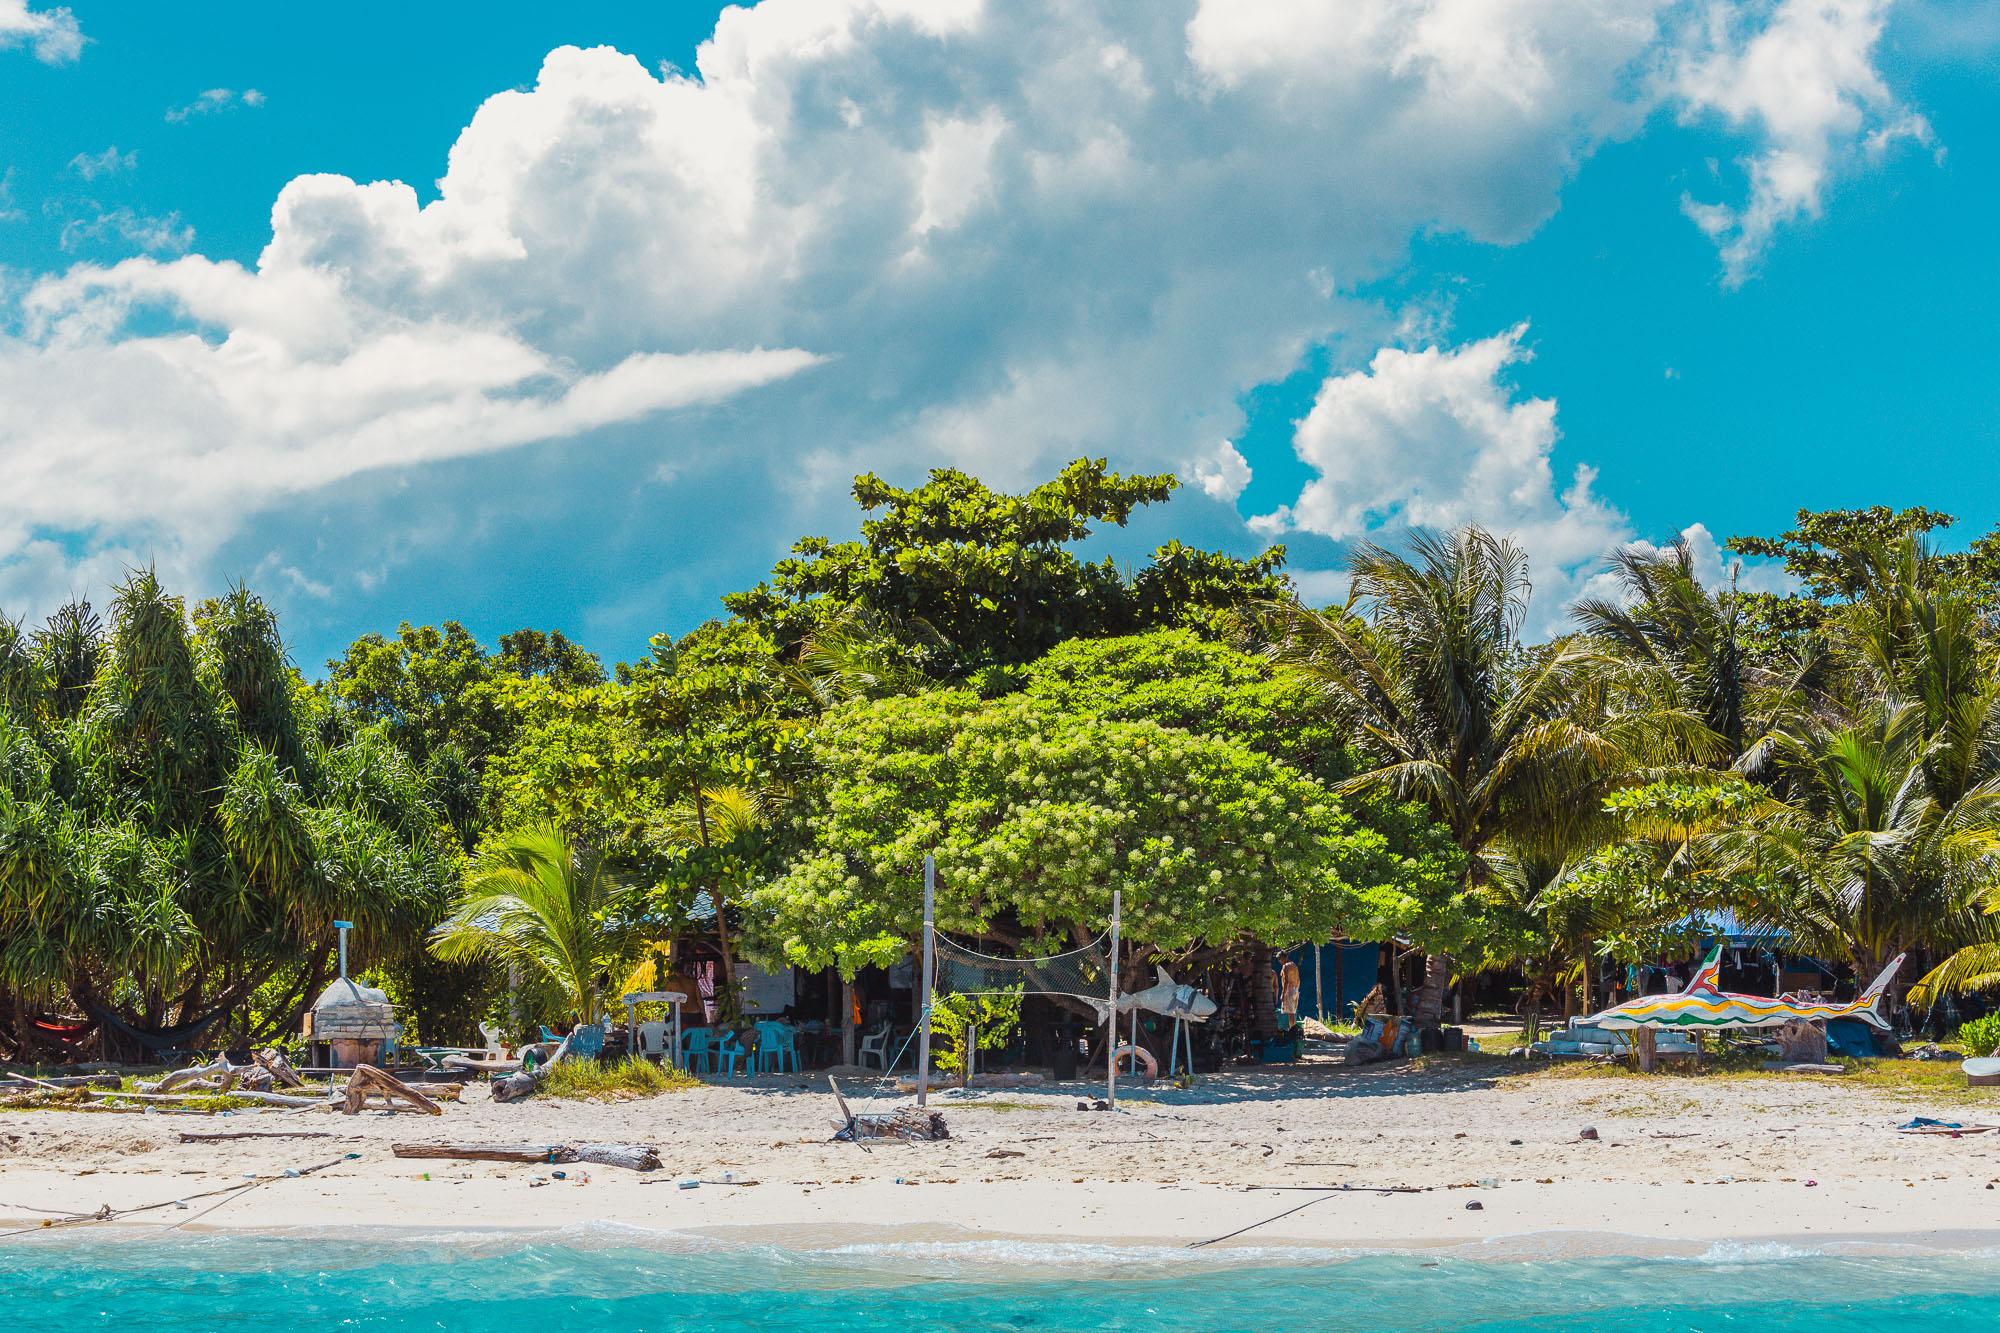 TRACC Pom Pom Island